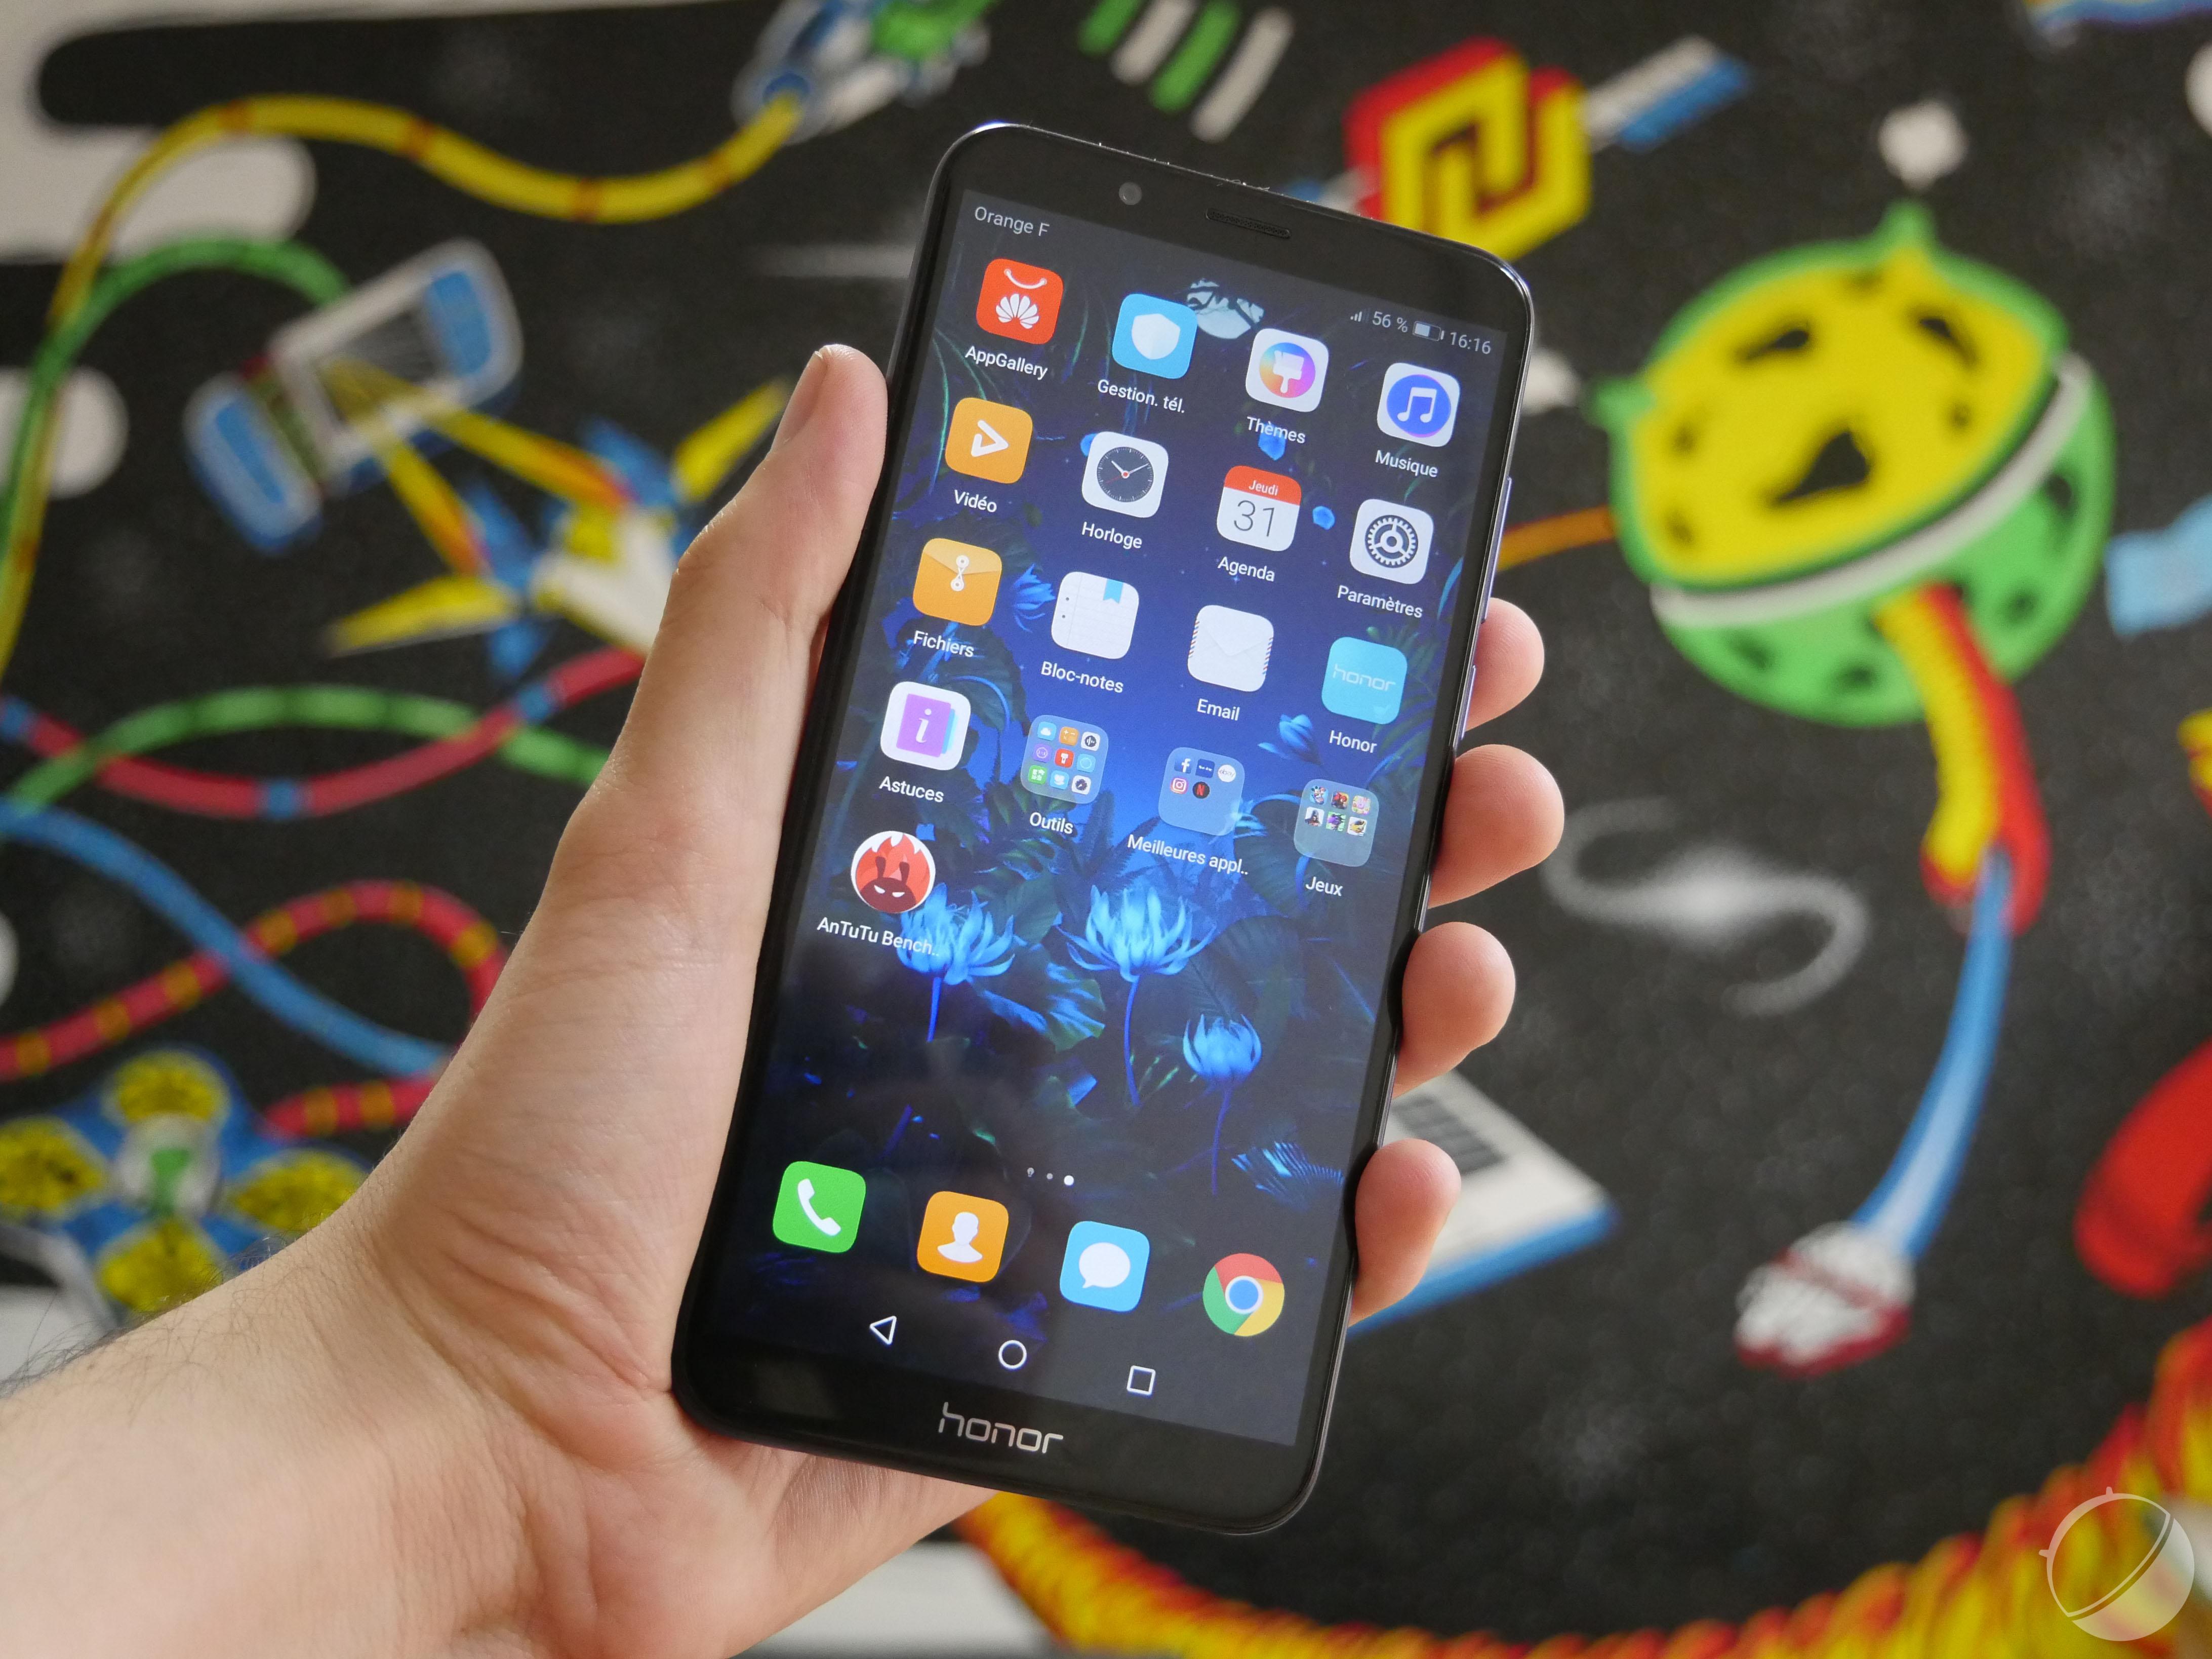 Test du Honor 7C : le grand smartphone dans la cour des petits prix